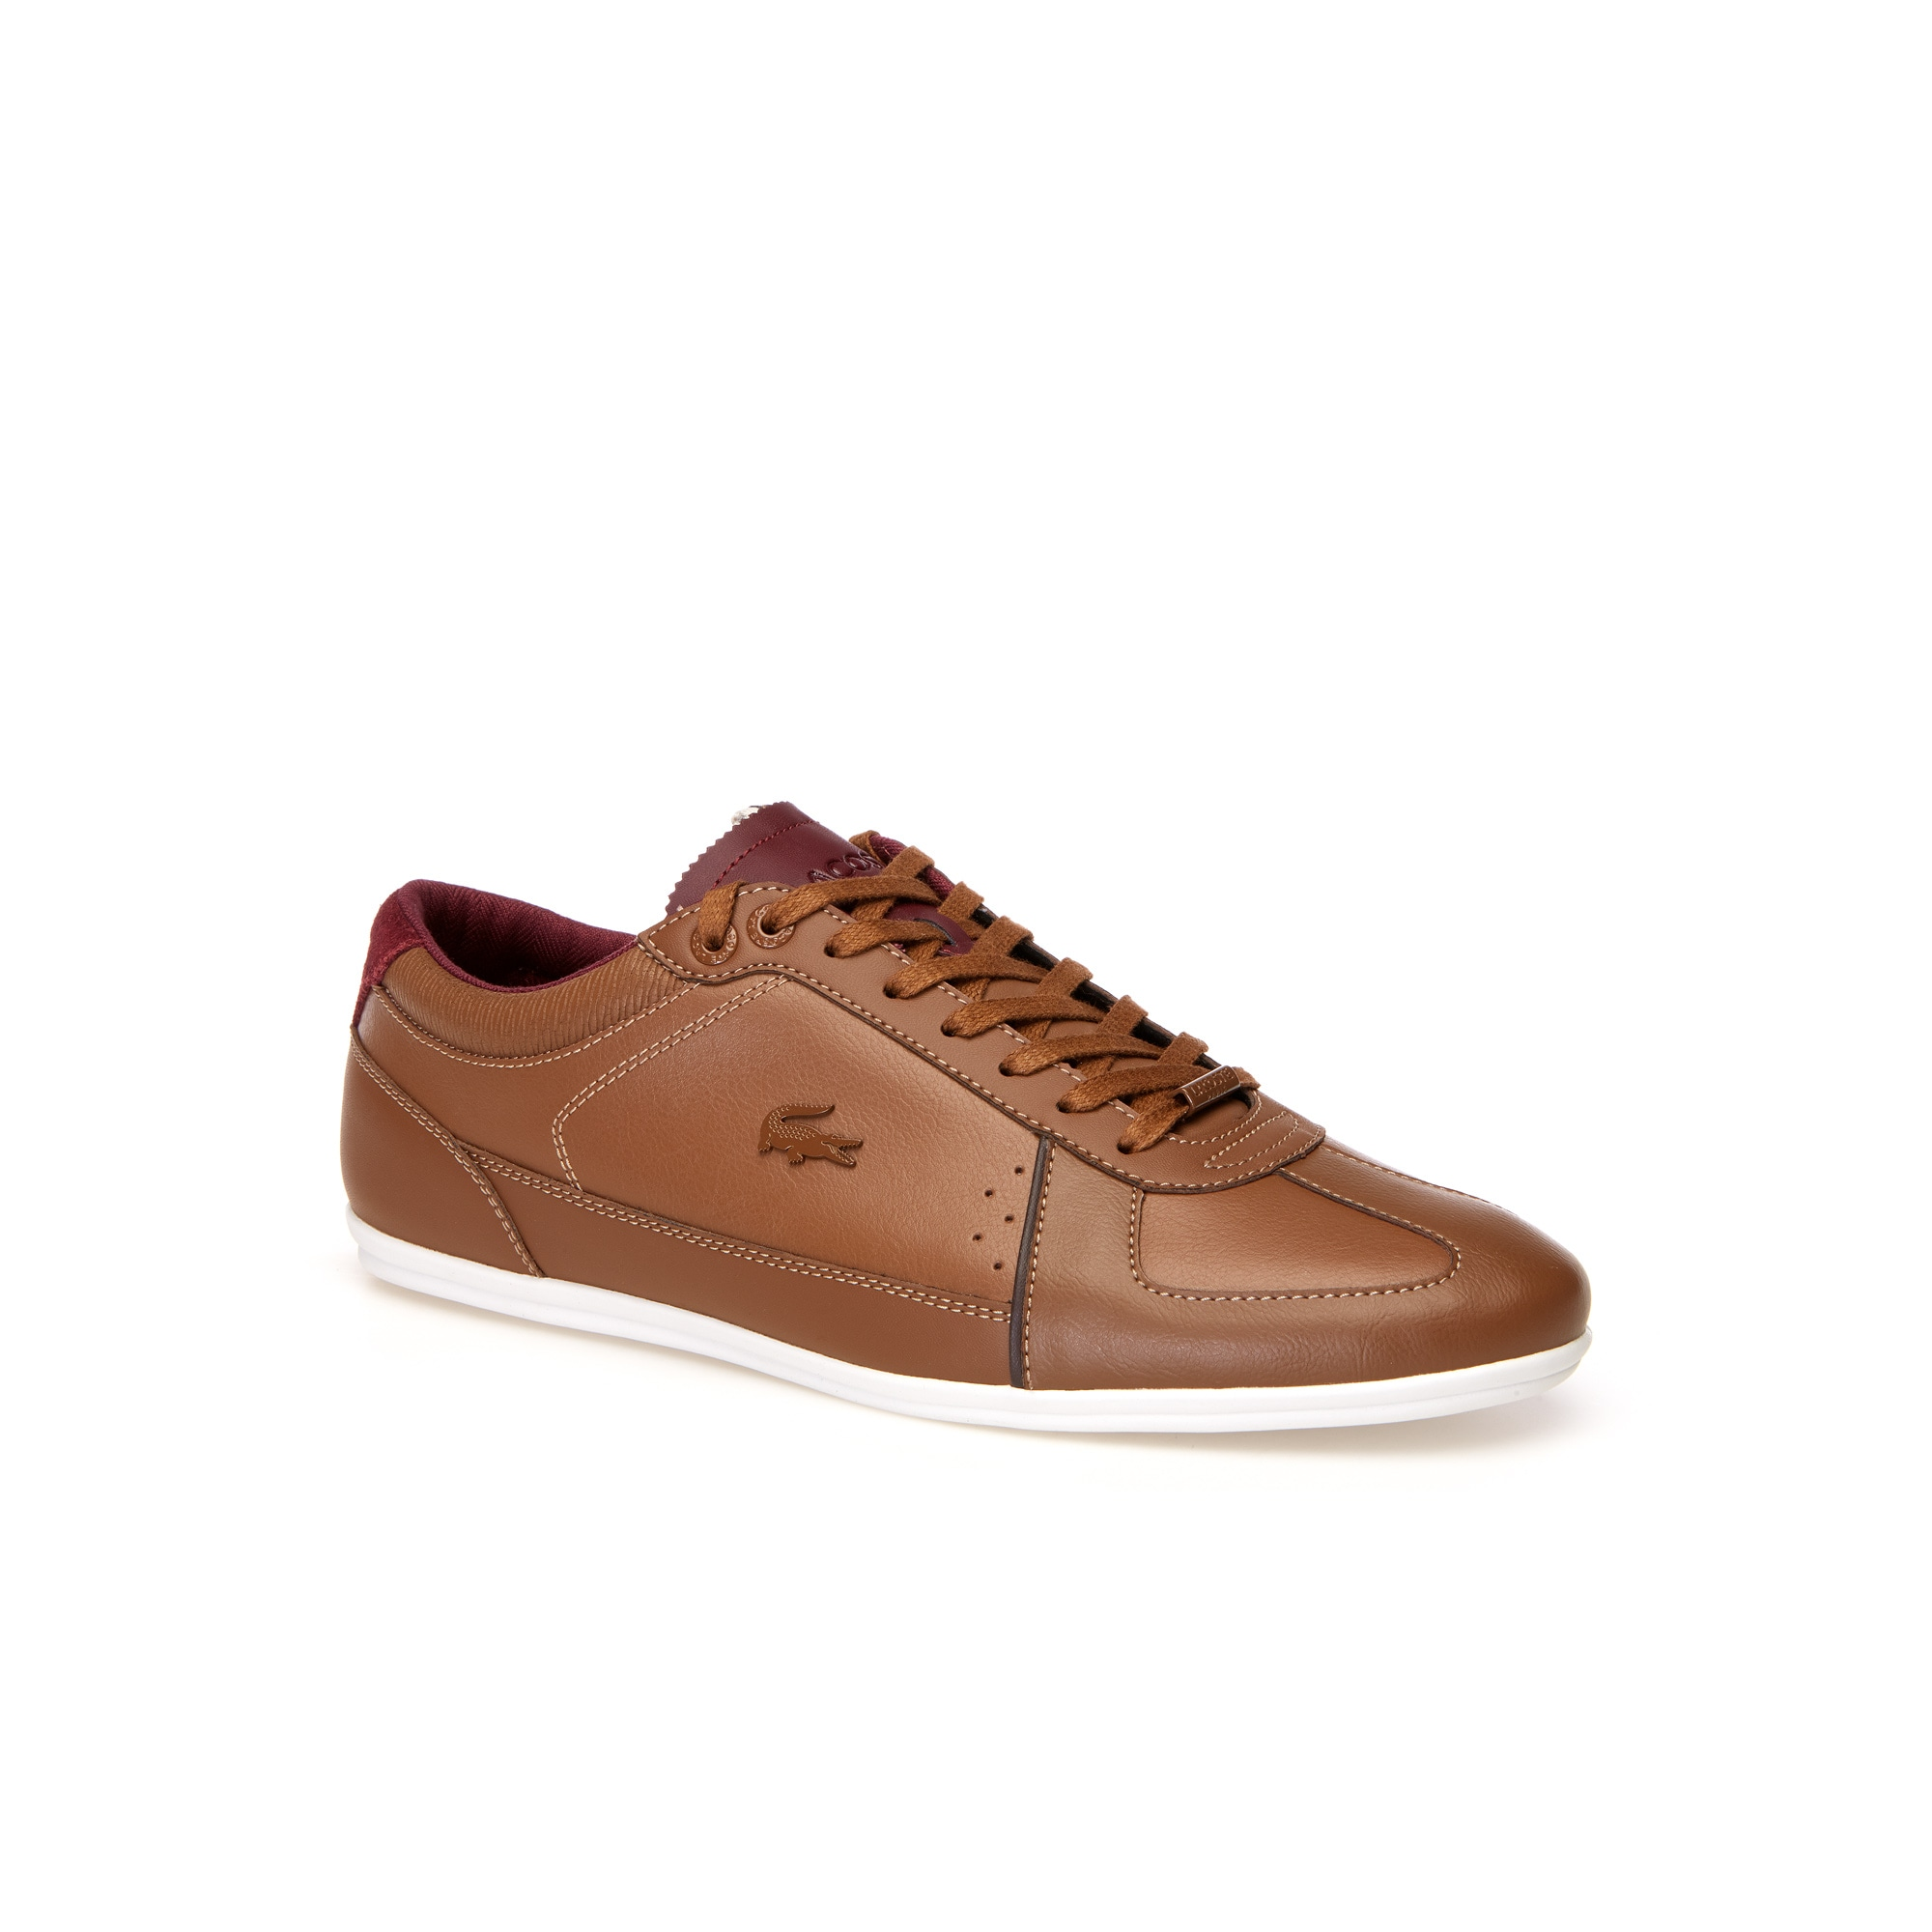 حذاء رياضي من الجلد والشمواه Evara للرجال